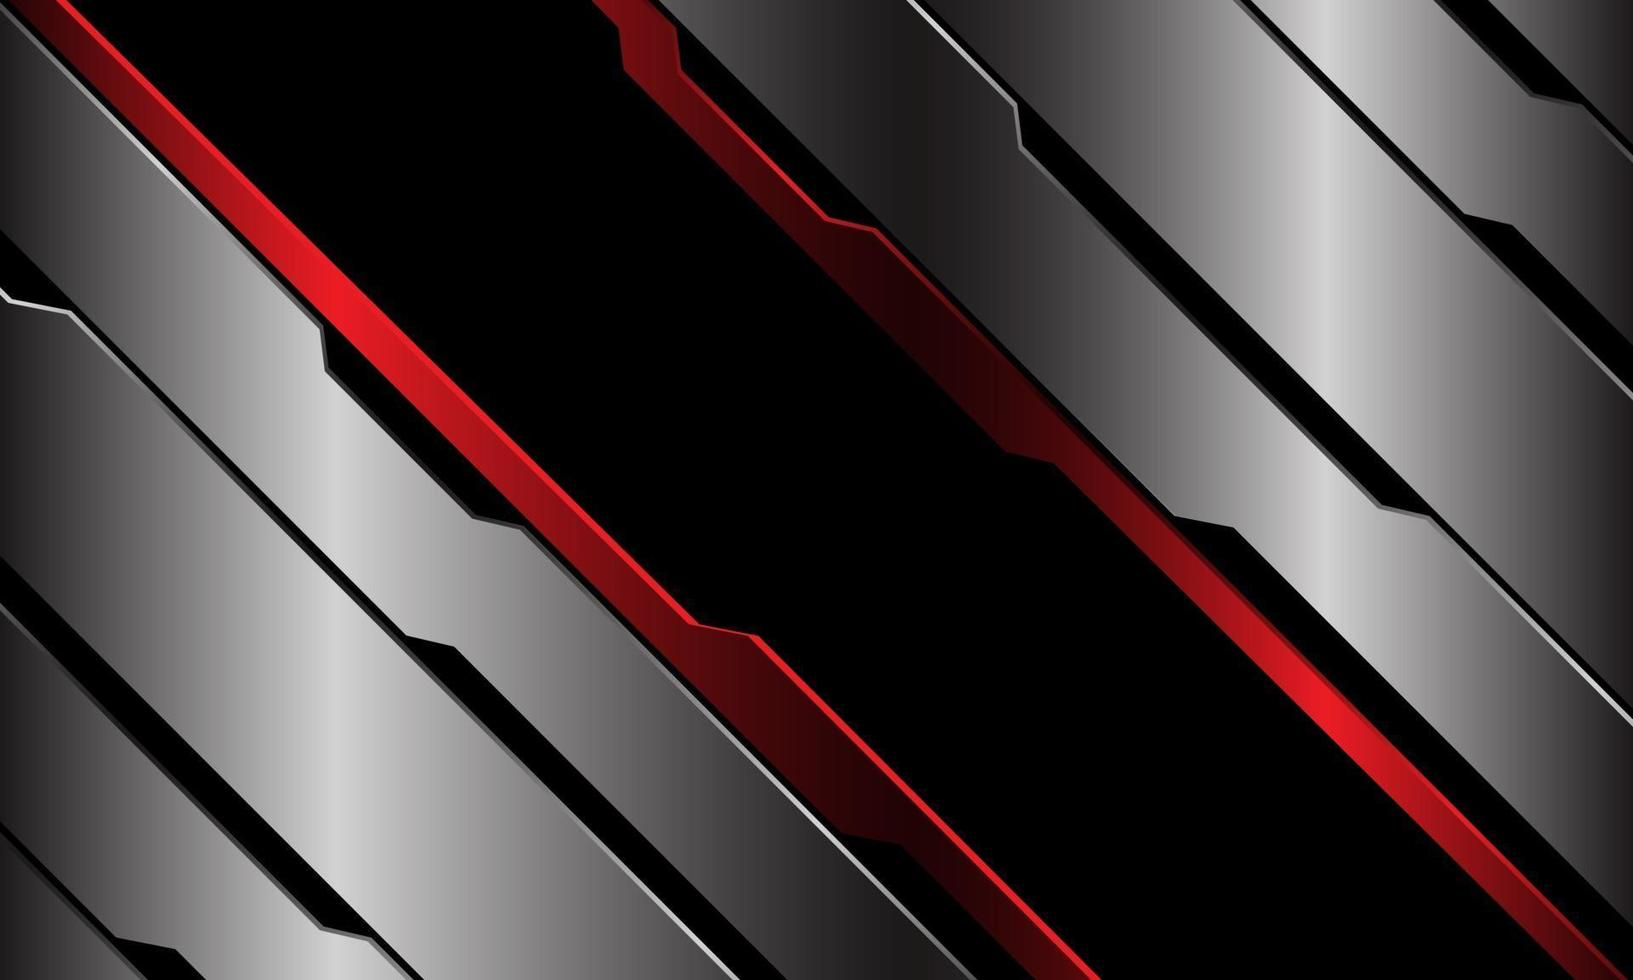 abstrait noir rouge bannière bleu métallique circuit cyber ligne barre oblique géométrique conception moderne luxe futuriste technologie fond illustration vectorielle. vecteur